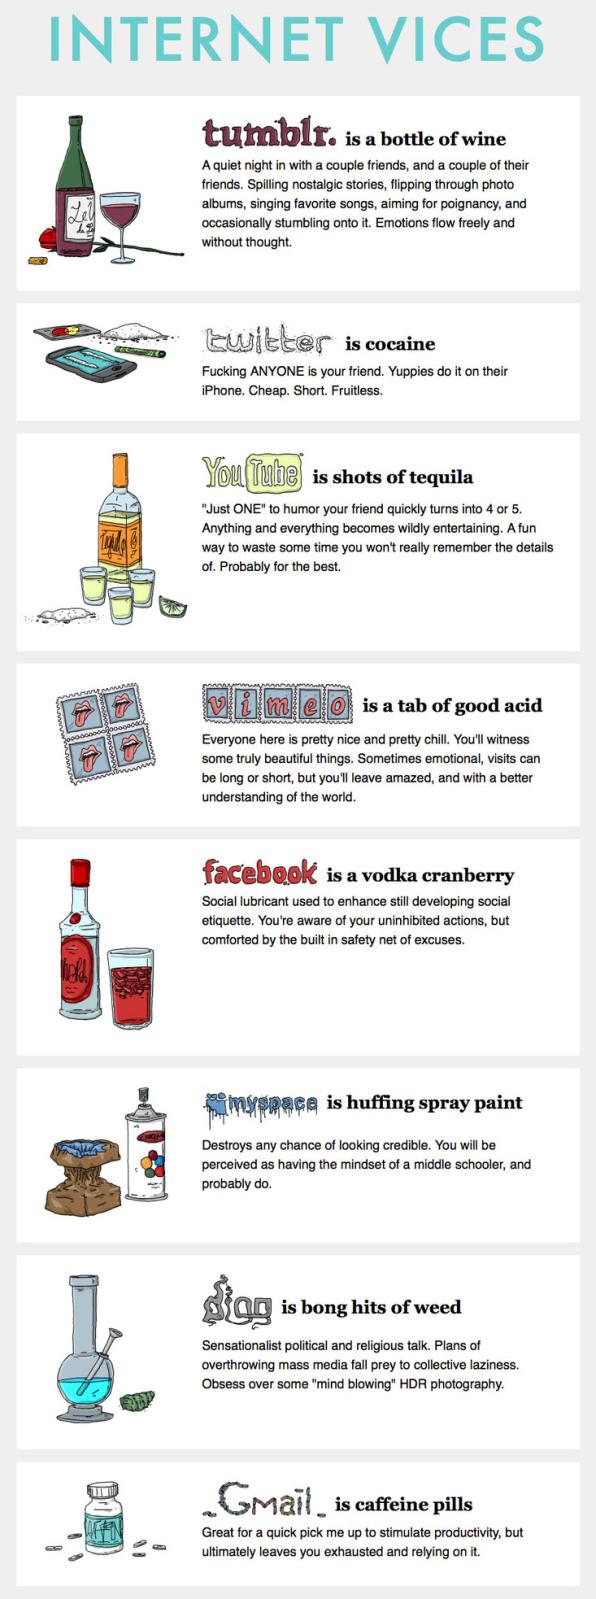 If Social Media were a drug